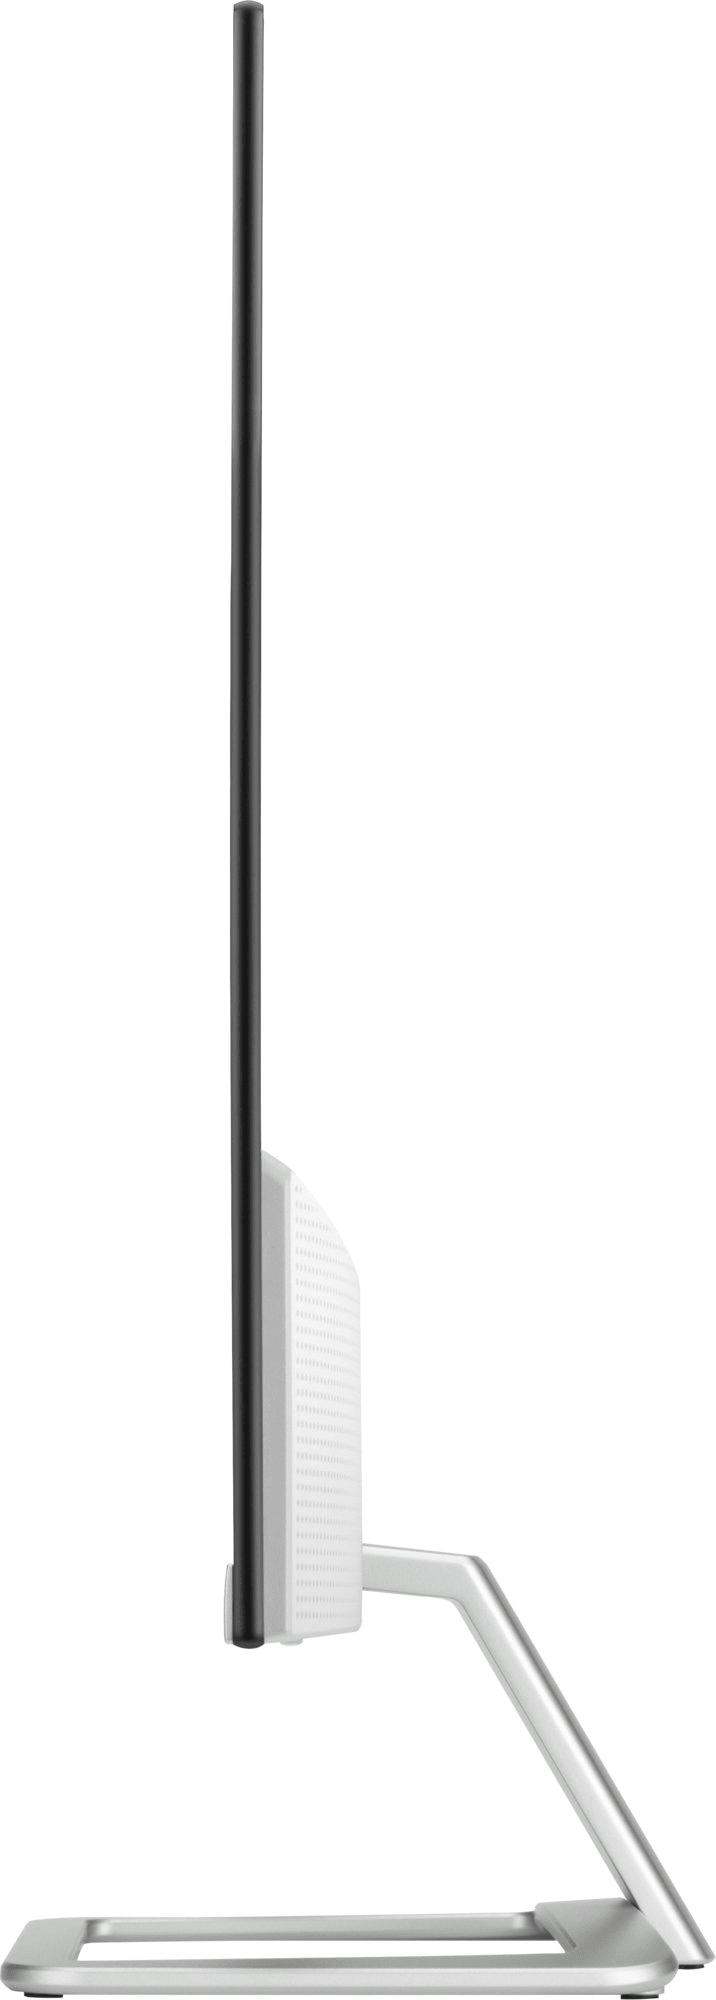 Náš vůbec nejtenčí LCD monitor